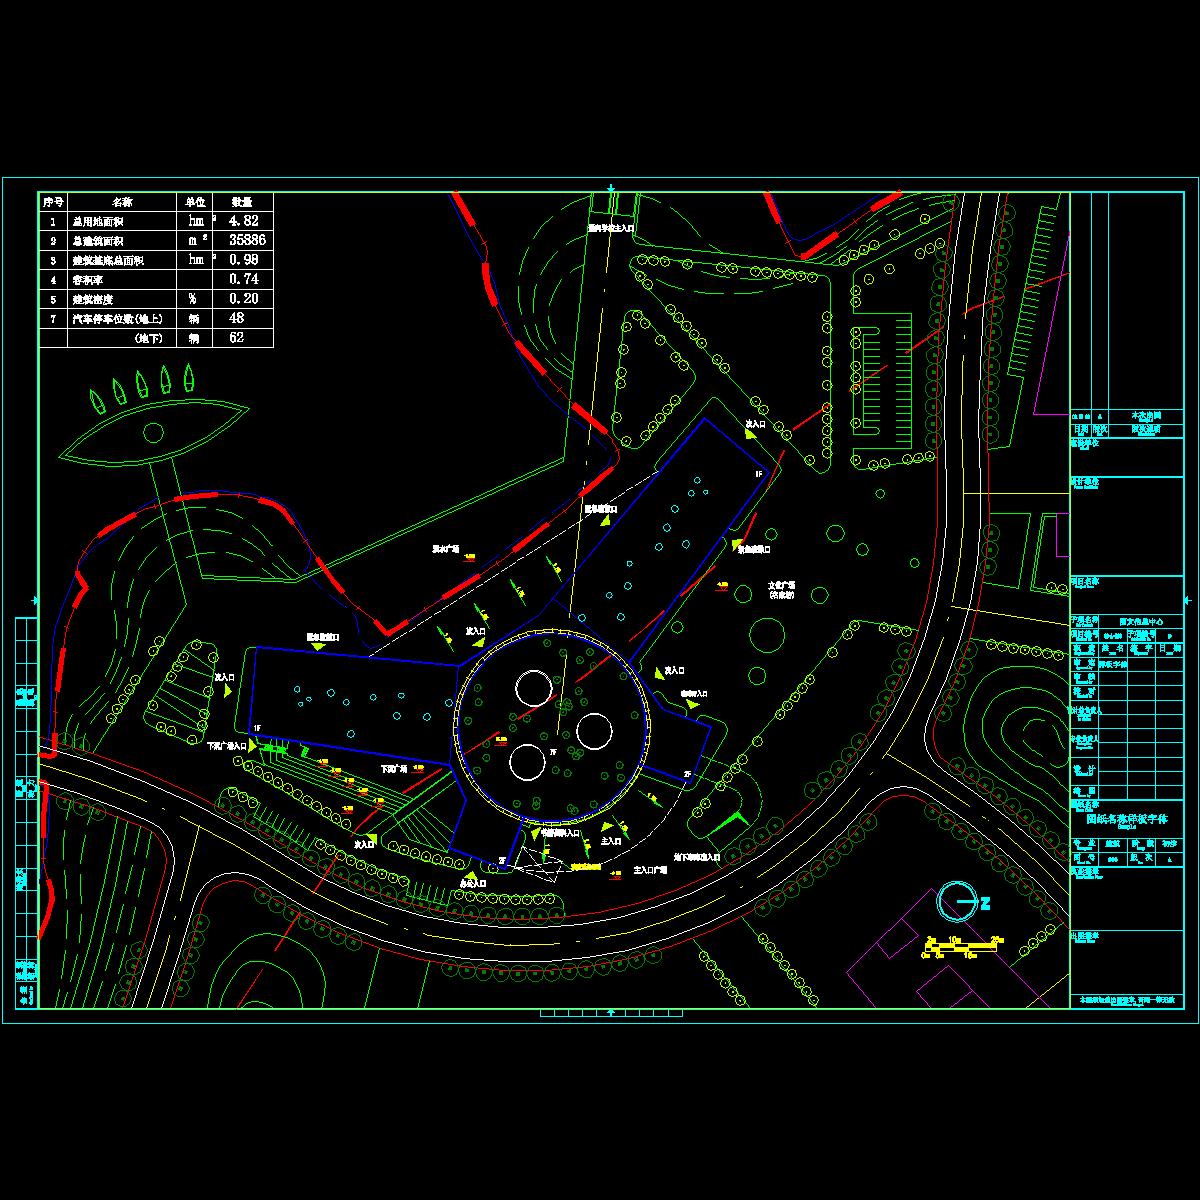 图文信息中心总图0201_t3.dwg